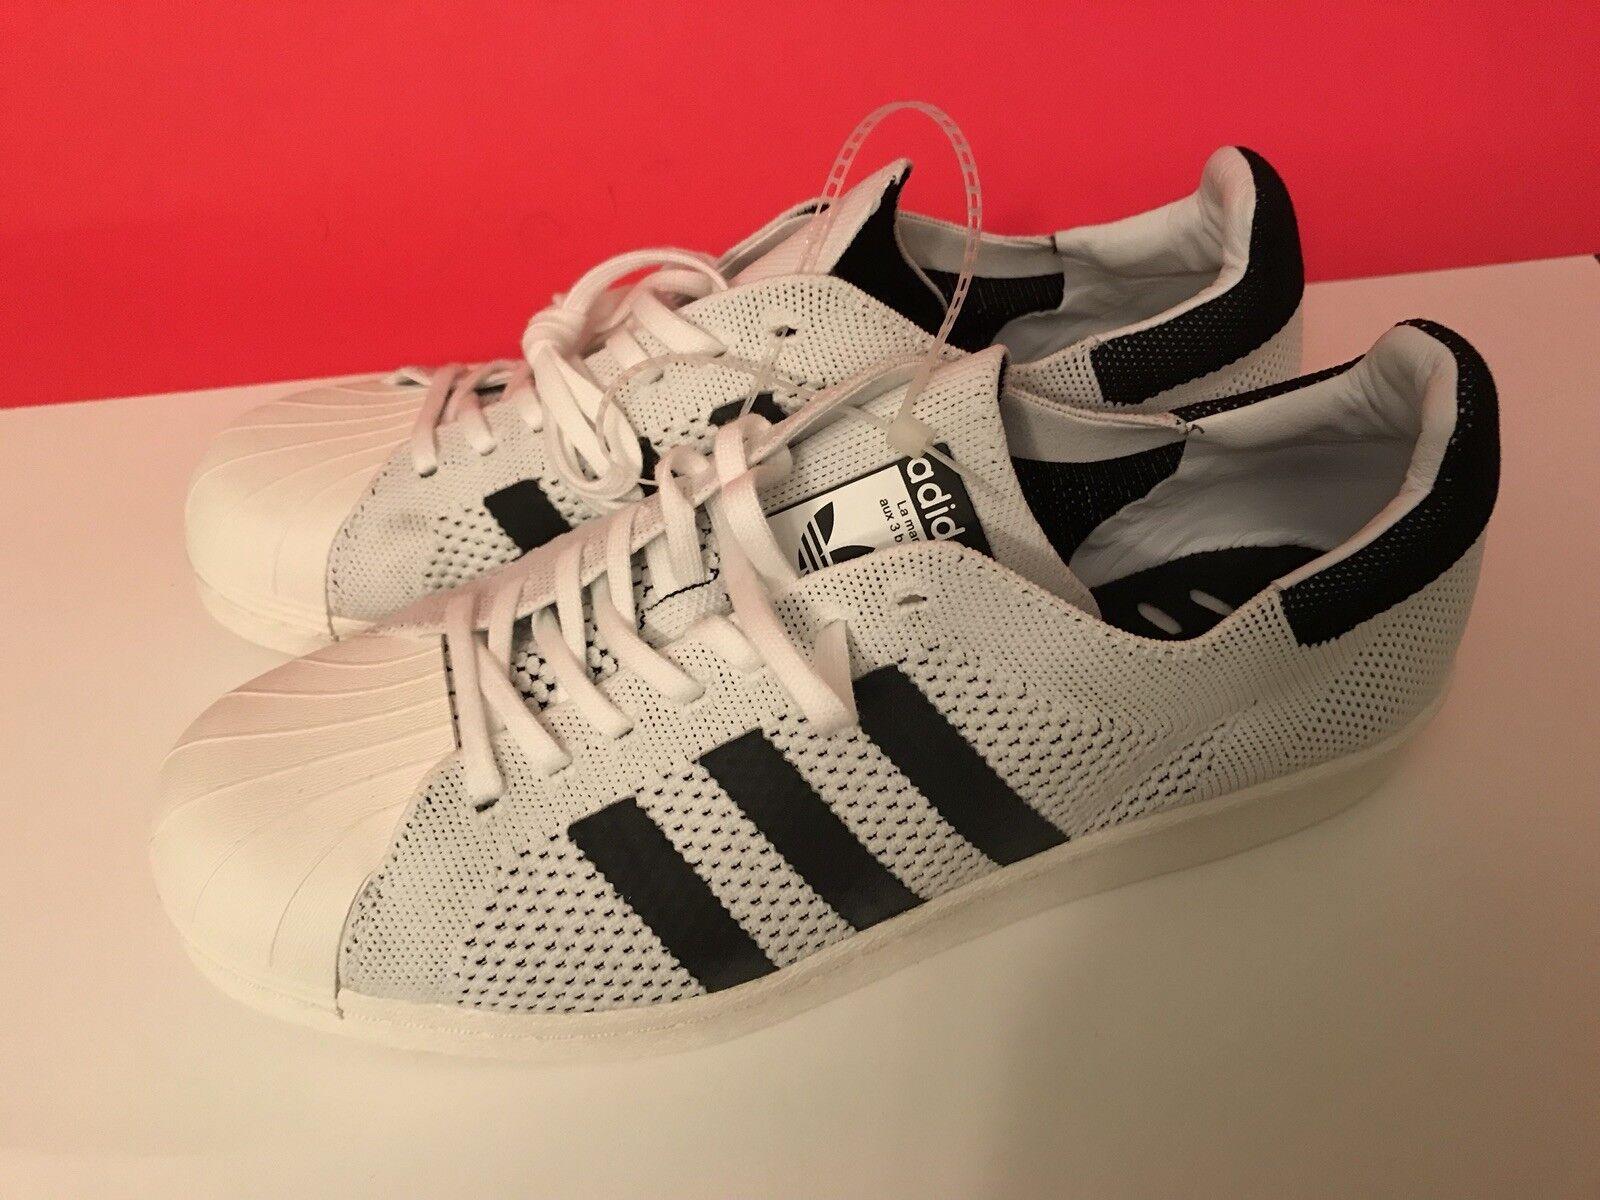 Adidas superstar pk männer auftrieb primeknit prime stricken weiße schwarze männer pk bb0190  98d74f